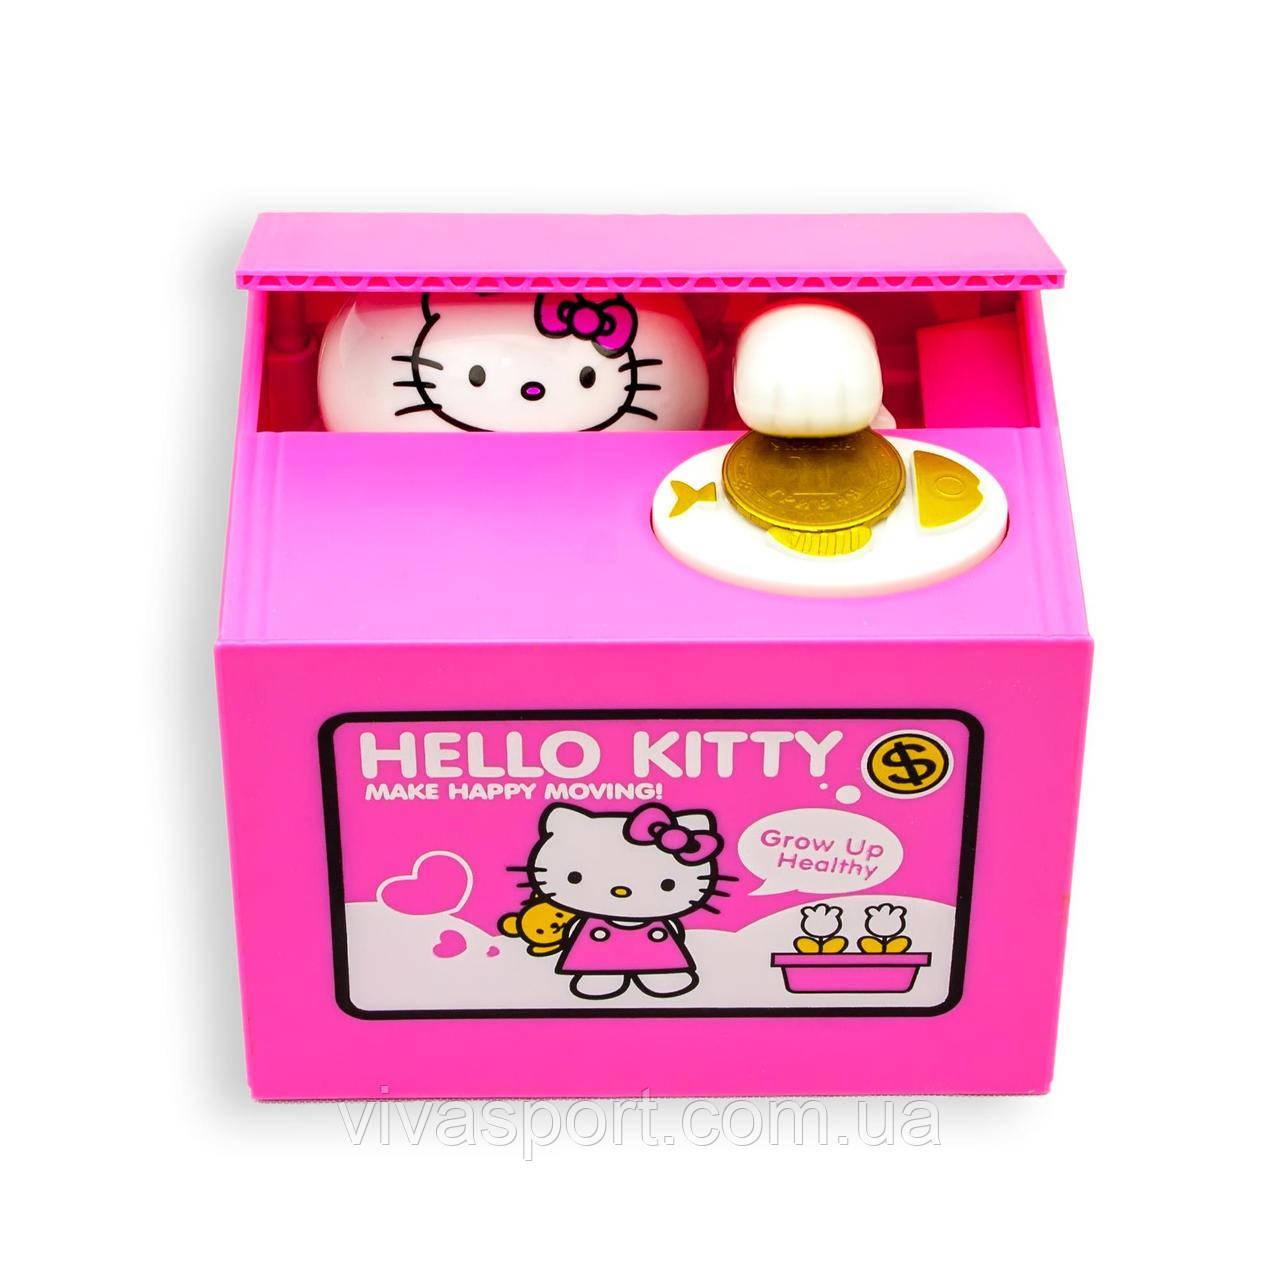 Копилка Hello Kitty, китти воришка